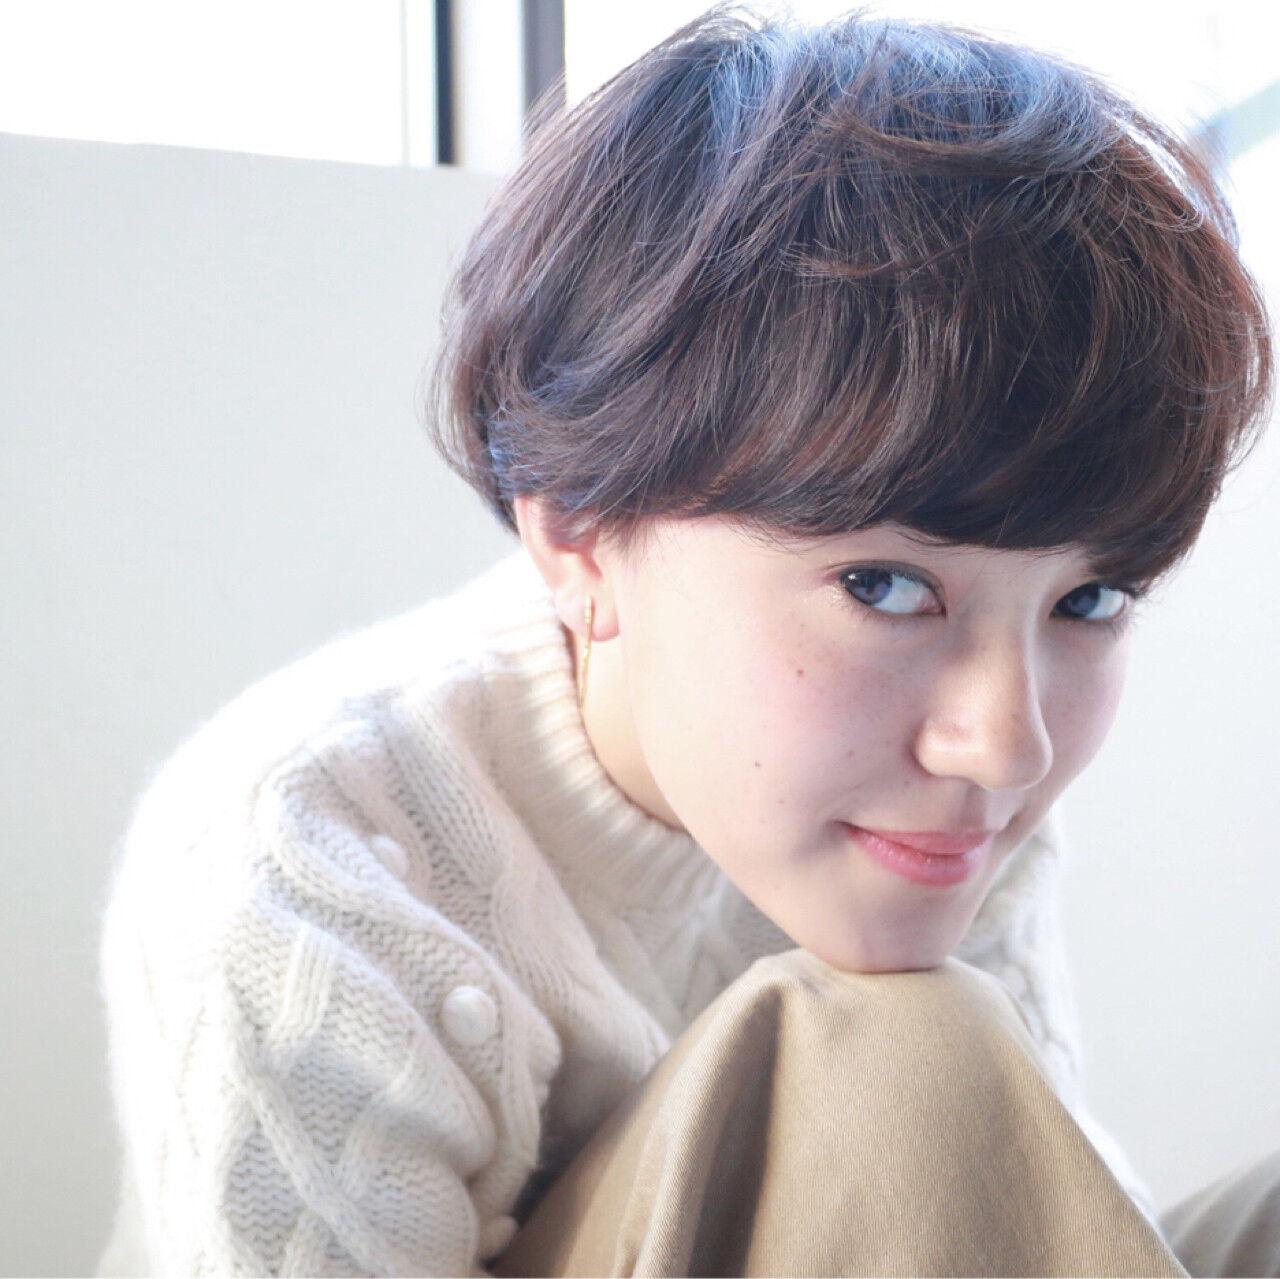 ショート 冬 透明感 前髪パーマヘアスタイルや髪型の写真・画像